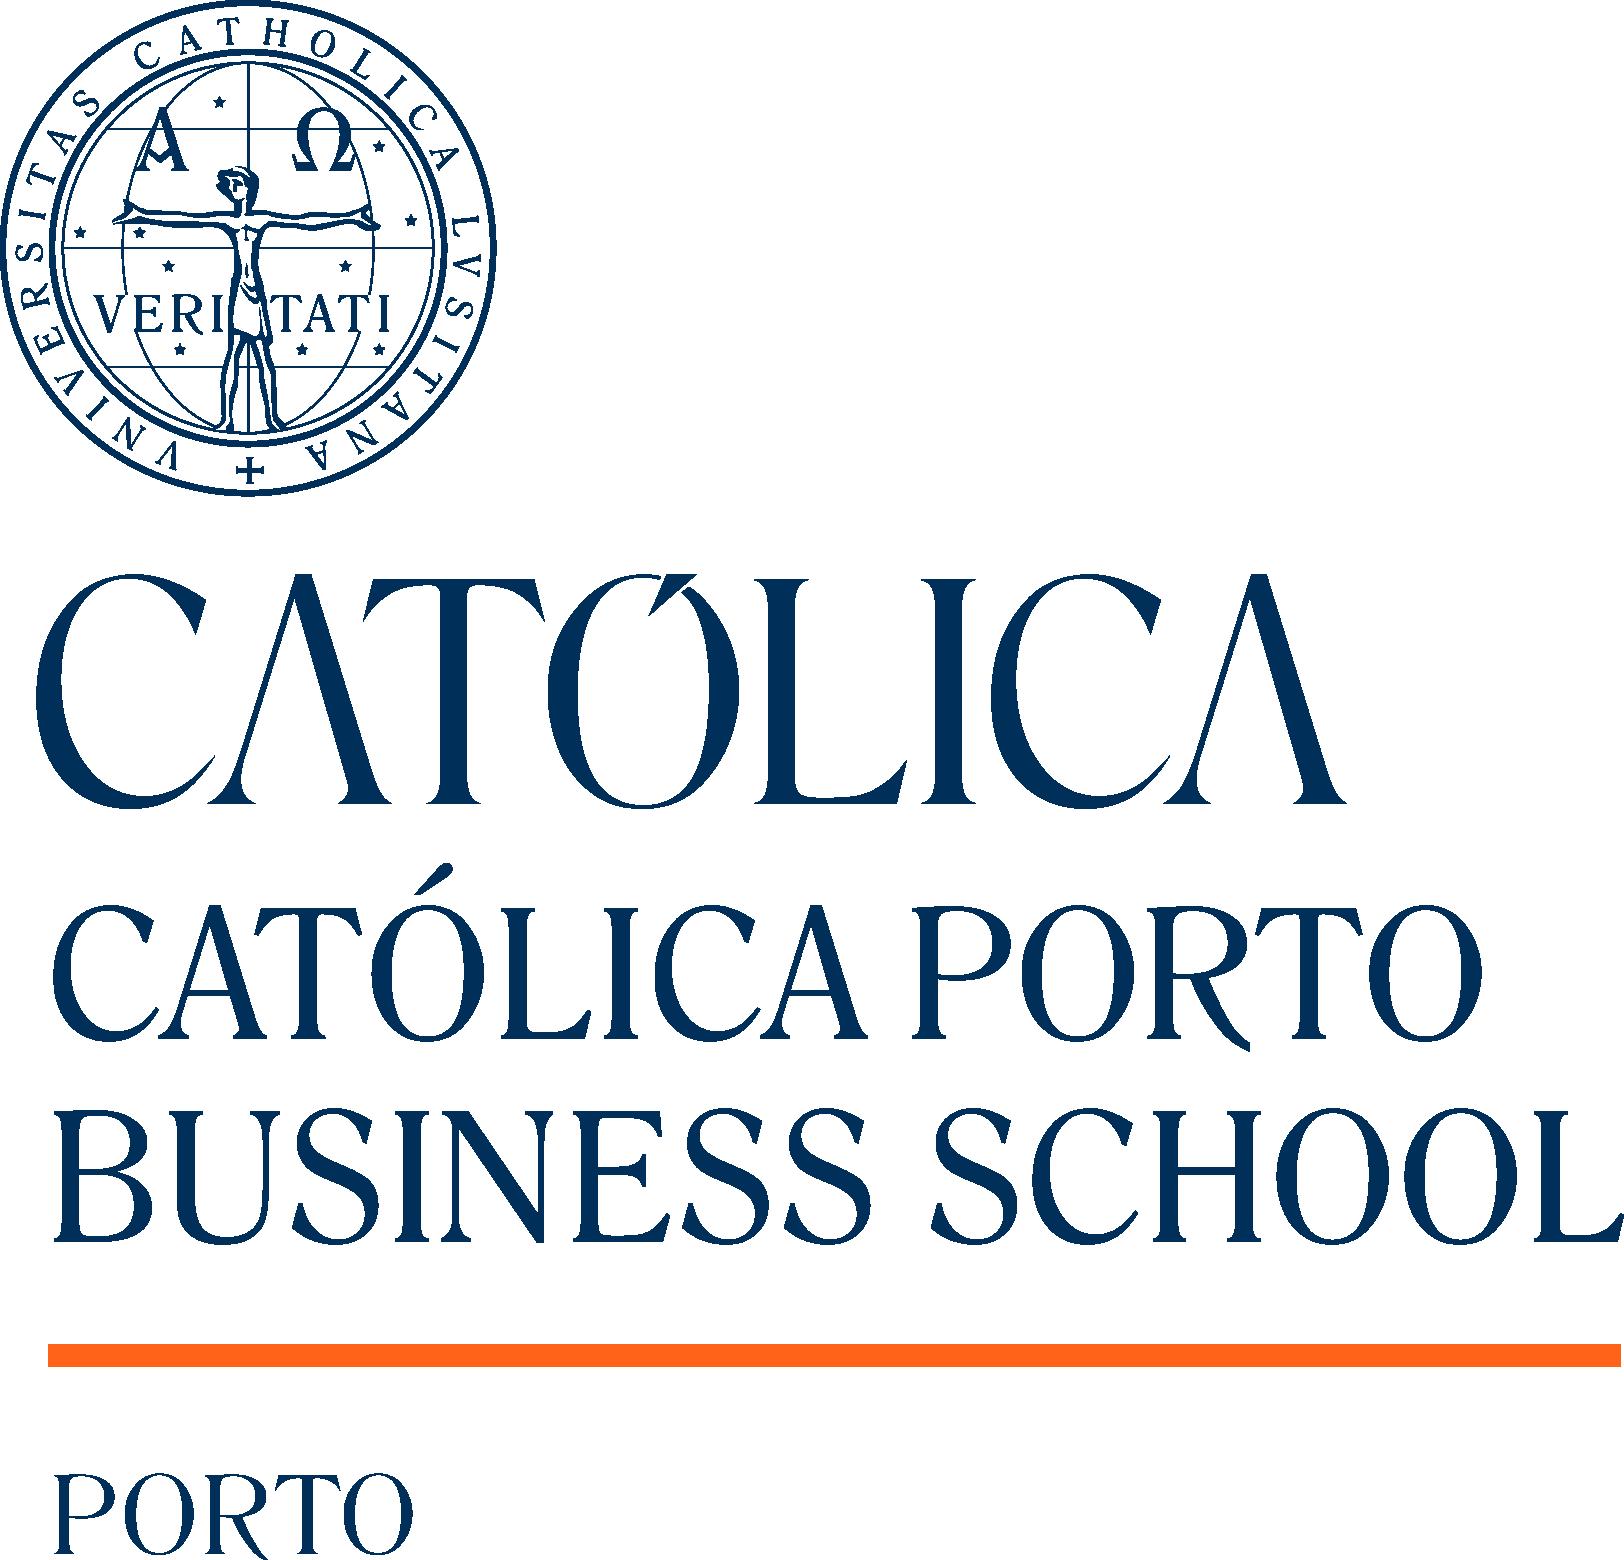 UNIVERSIDAD CATOLICA PORTUGUESA - CATOLICA PORTO BUSINESS SCHOOL